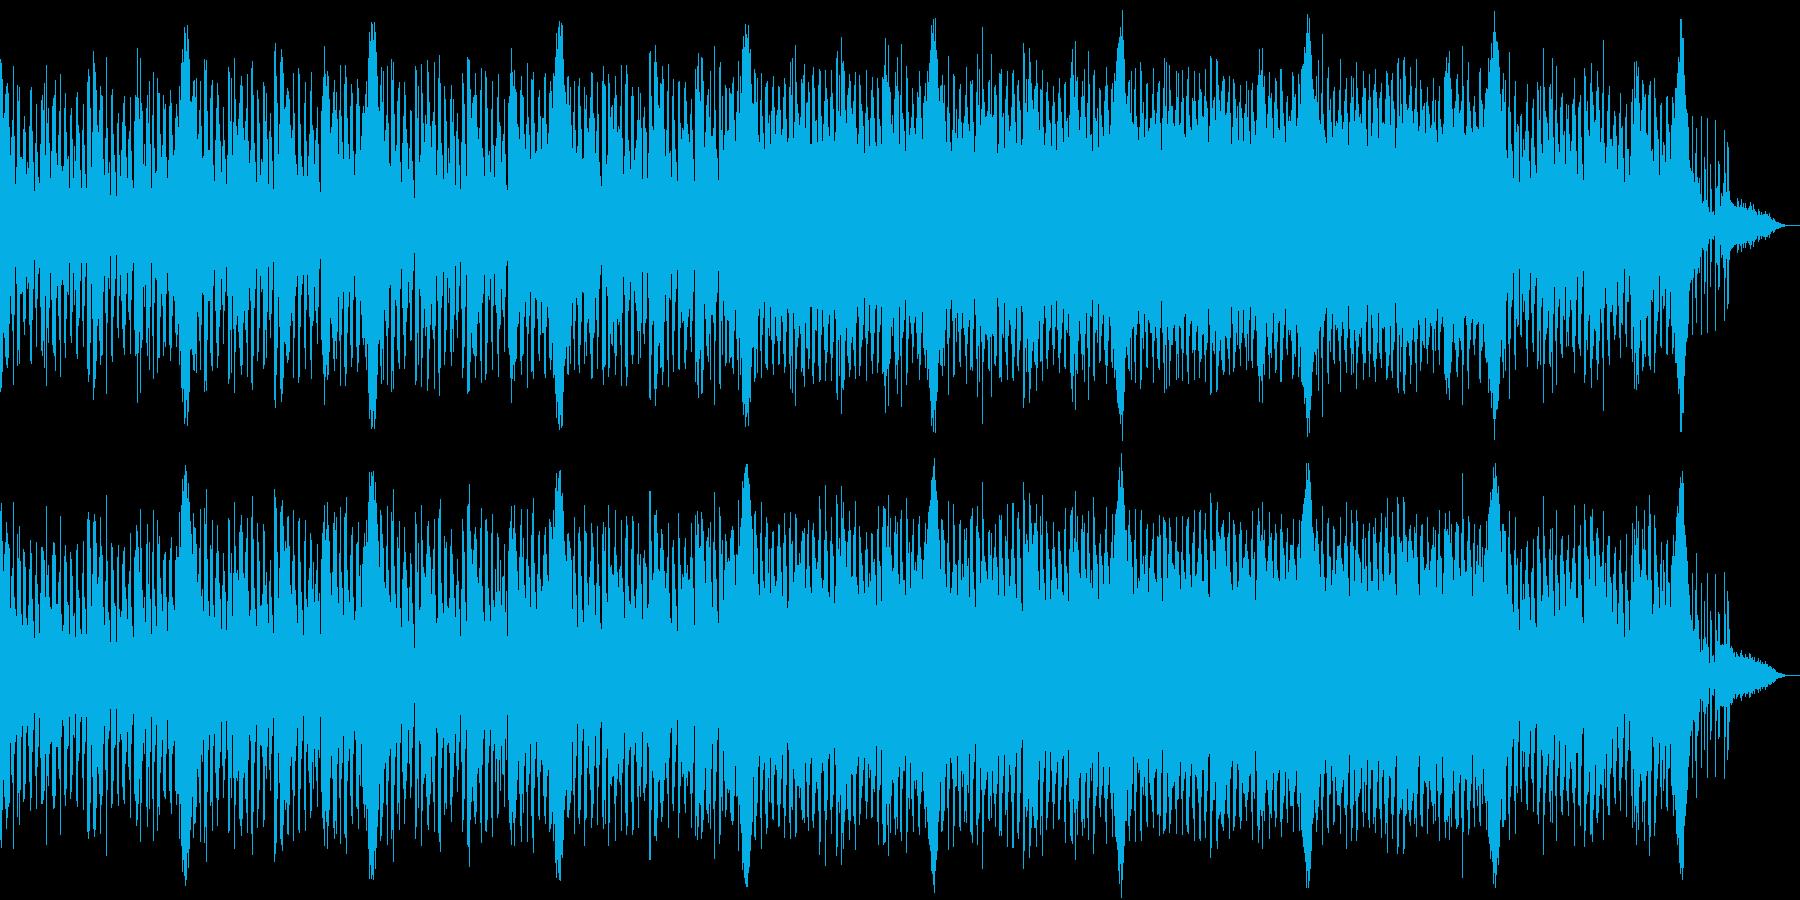 エレクトロで神秘的な響きの曲の再生済みの波形